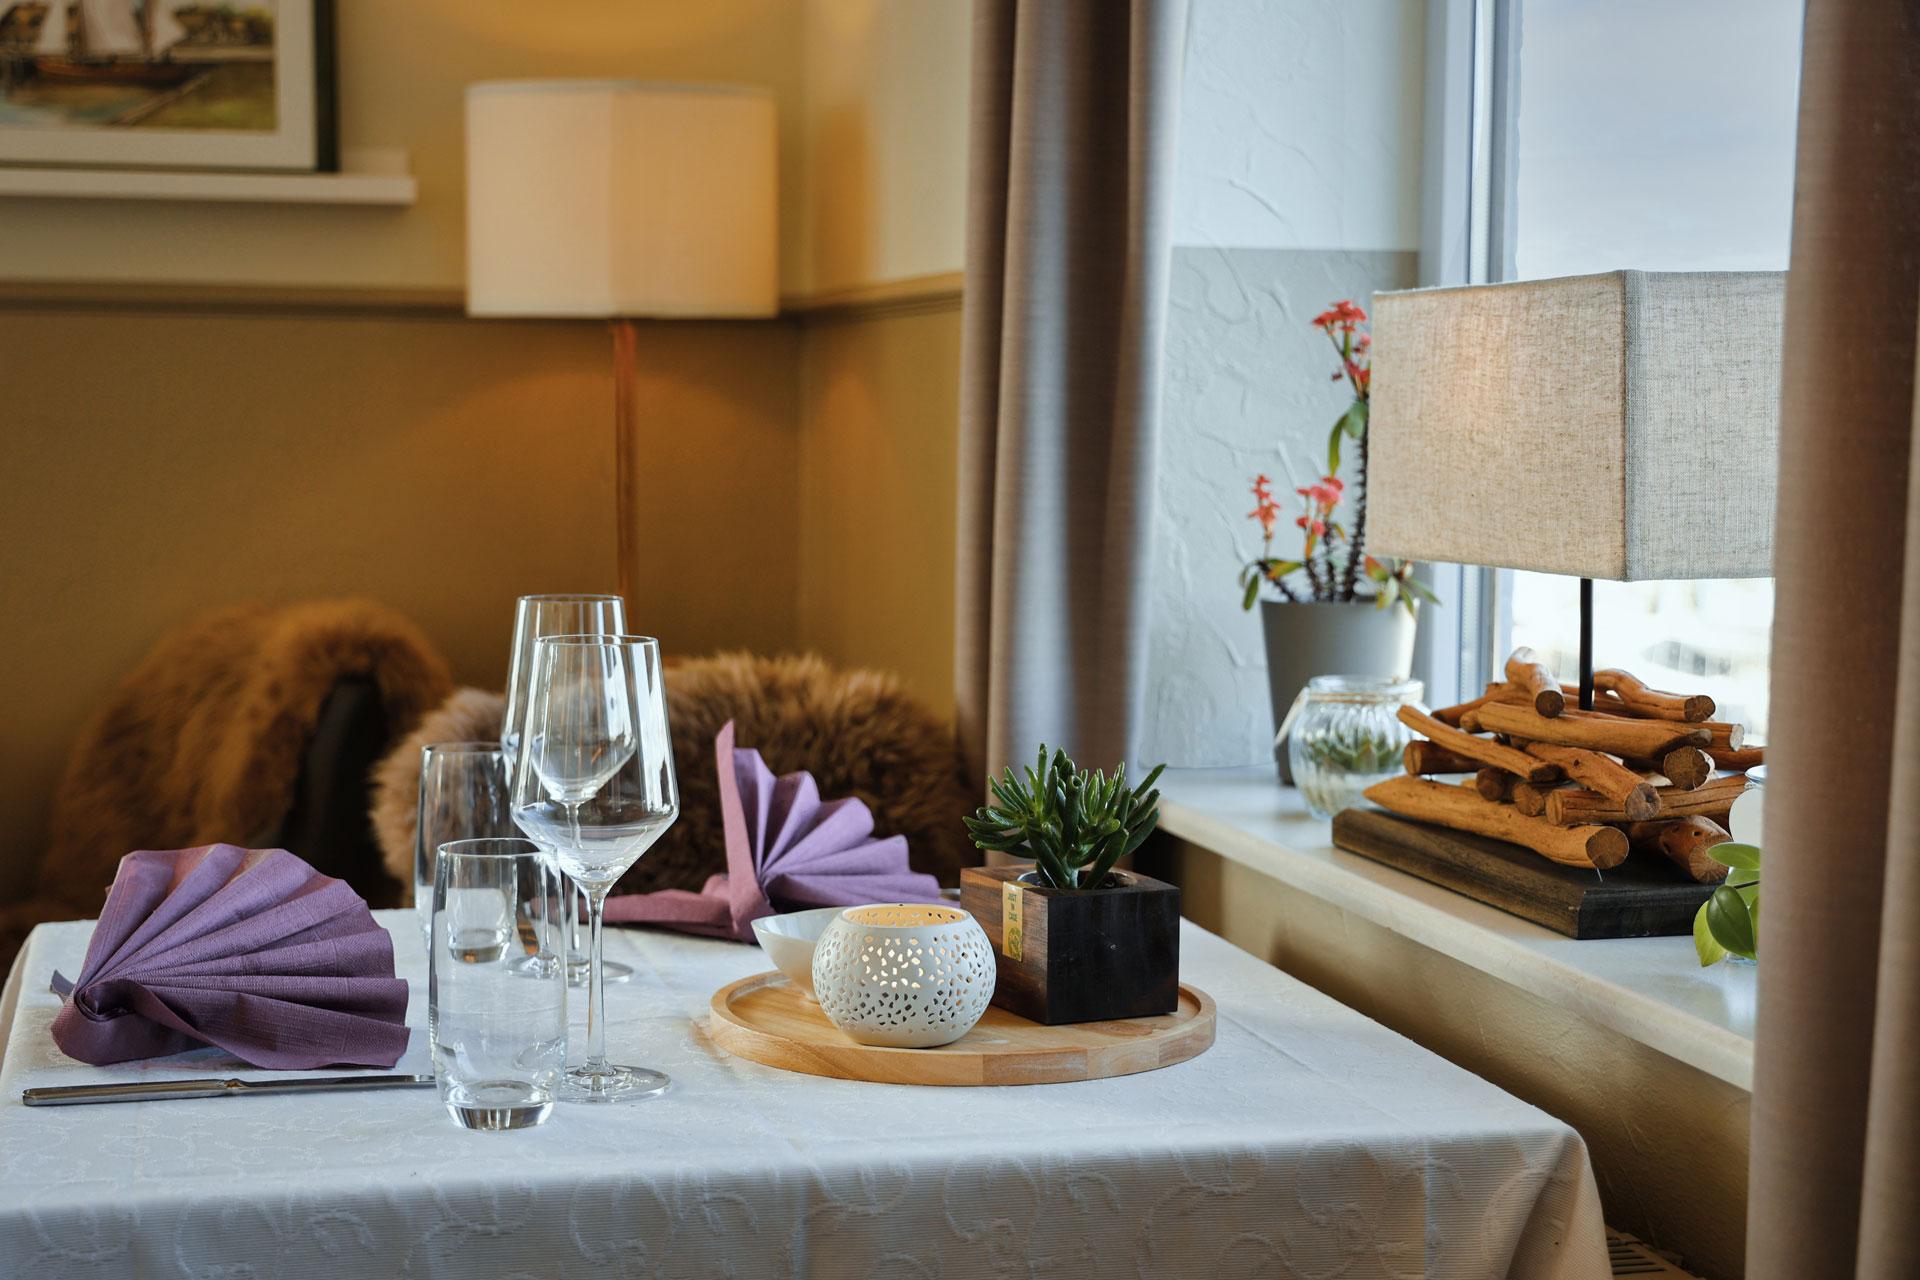 strandhuus-wackerballig-gastronomie10